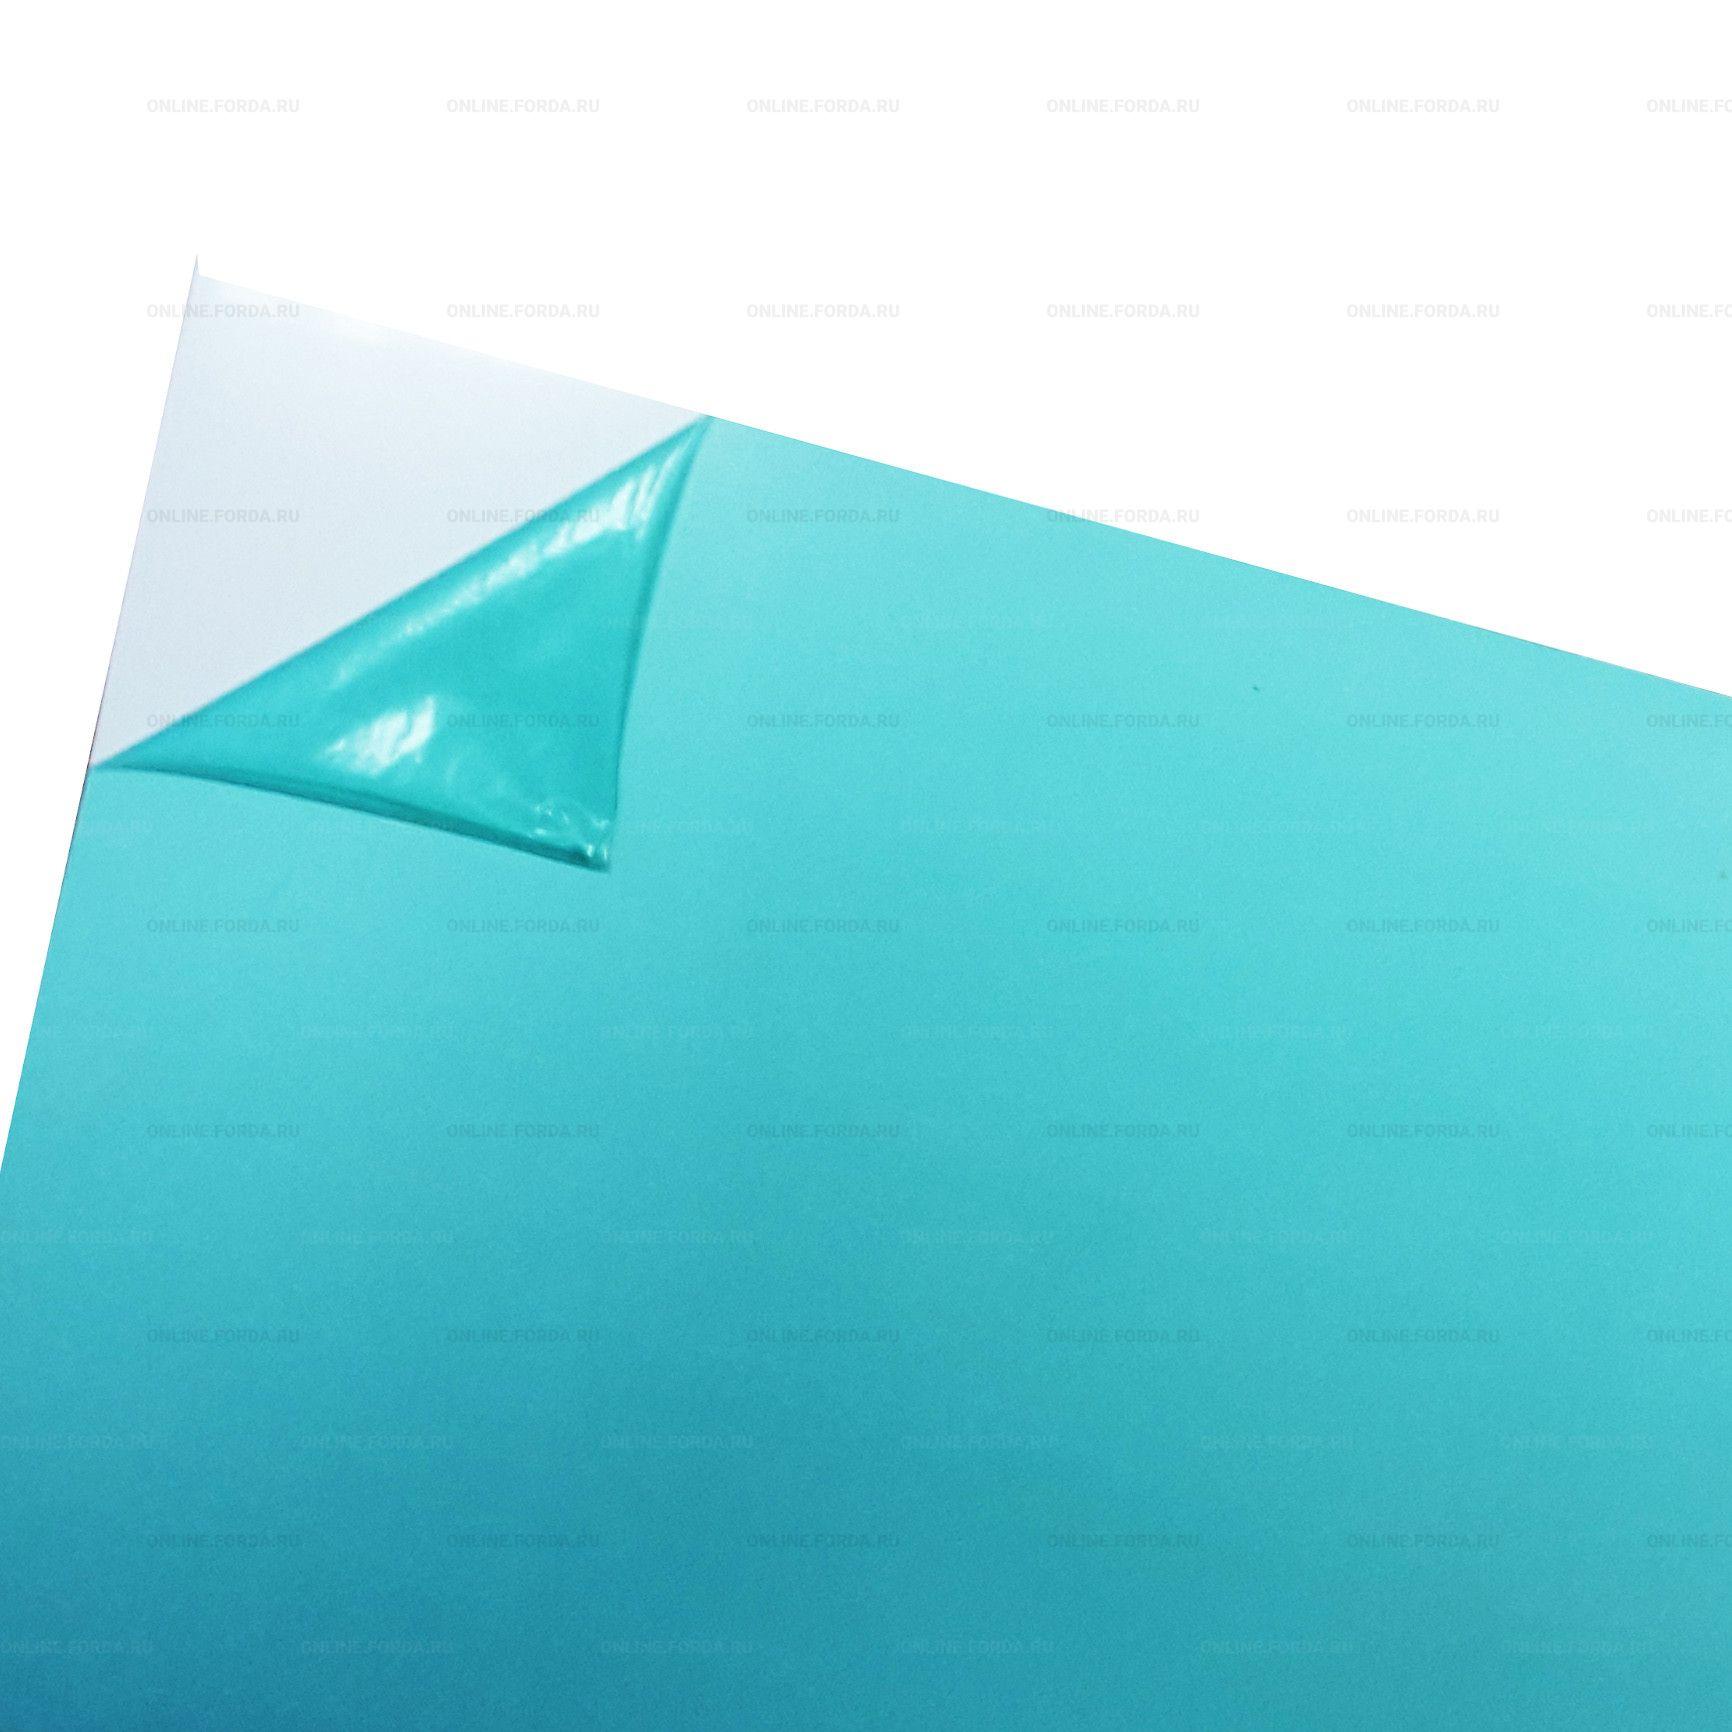 Лист жесткого ПВХ RS-Rigid 10.0мм (пл. 1,50)